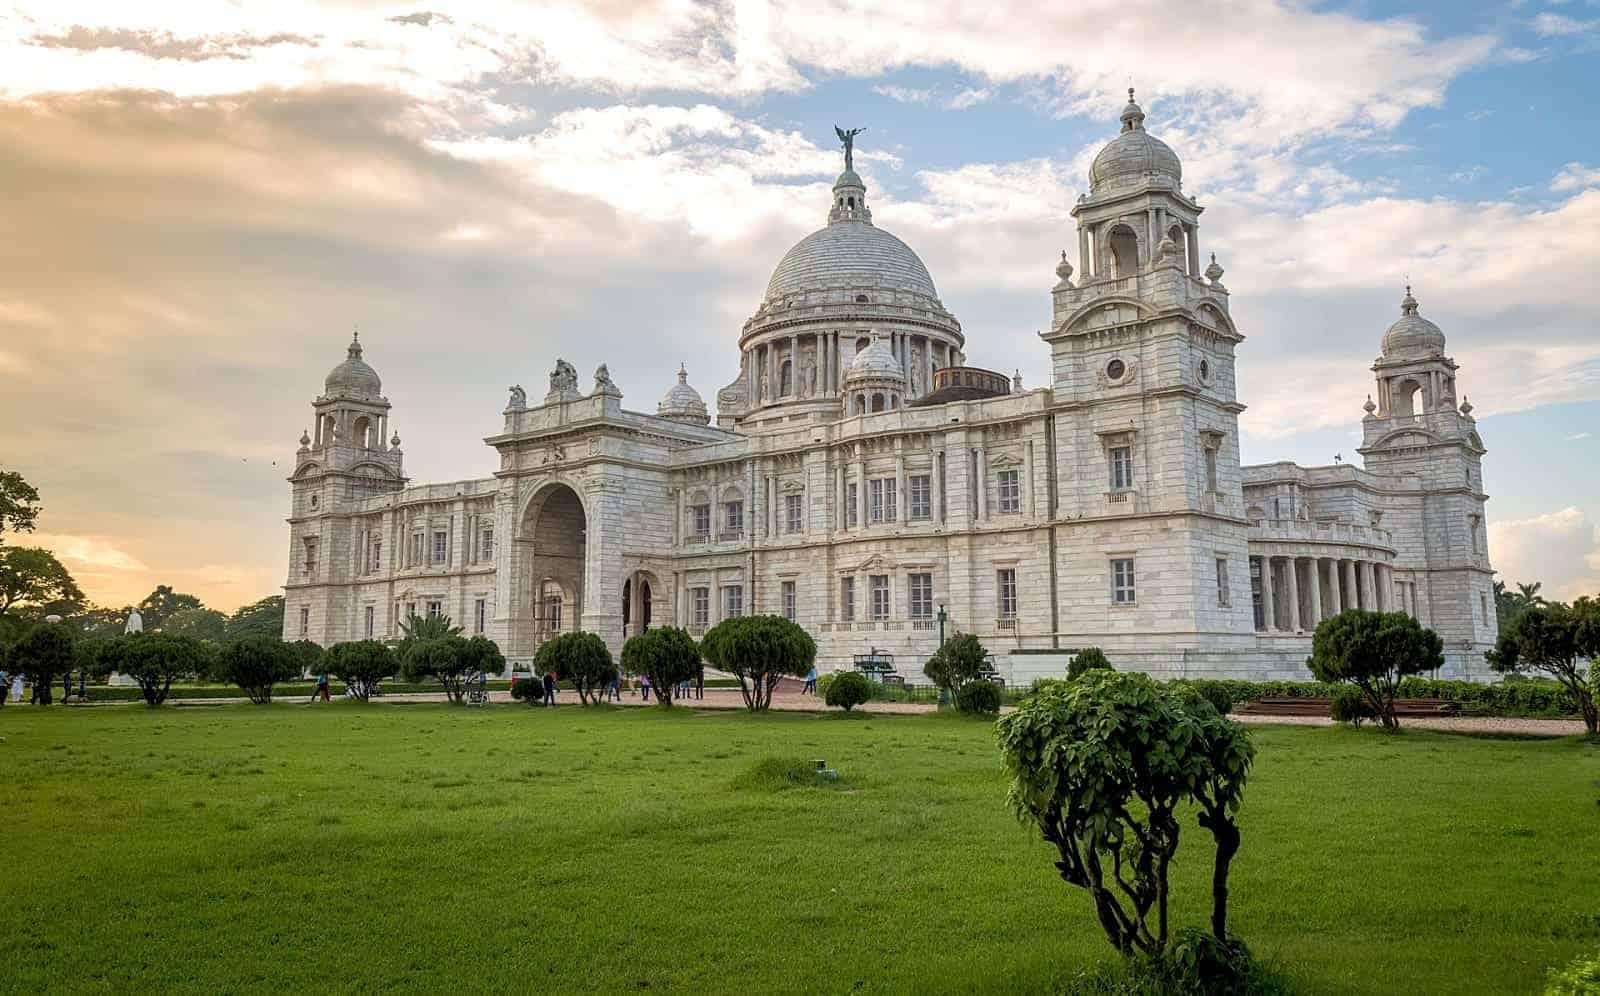 افضل 5 انشطة في كاتدرائية سانتا كروز كيرلا الهند